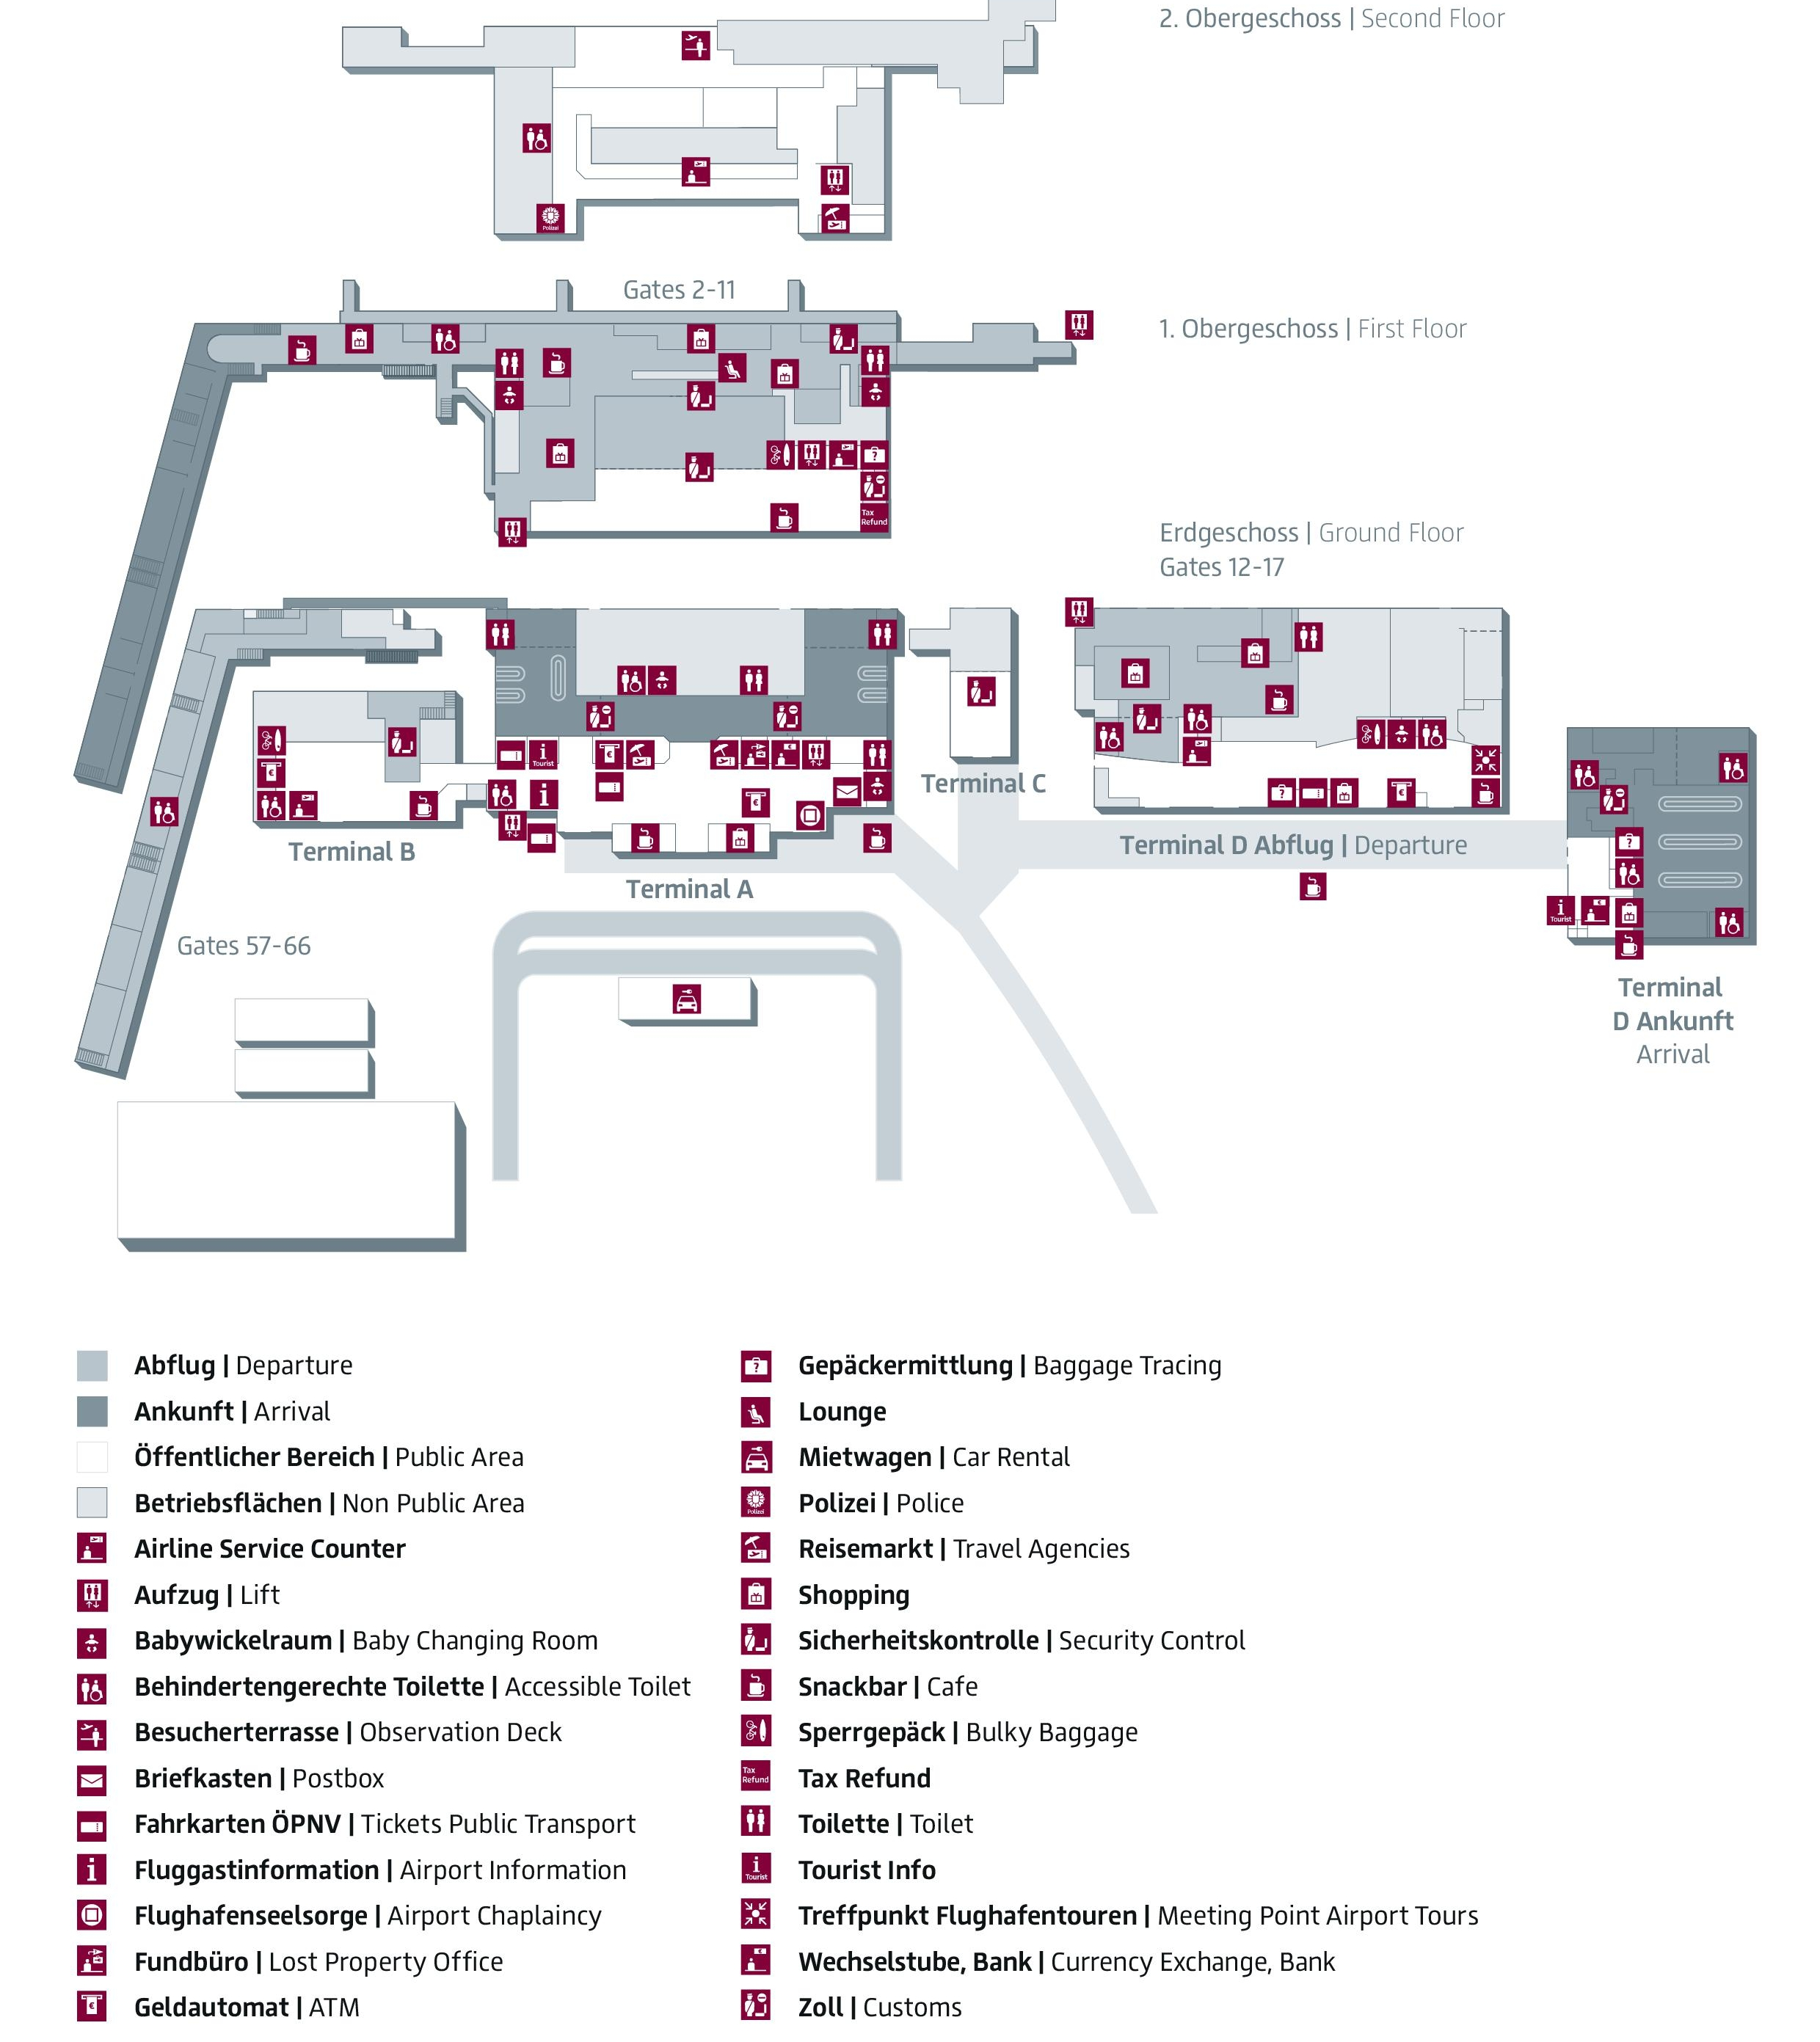 Схема аэропорта Шенефельд: терминалы аэропорта Берлина